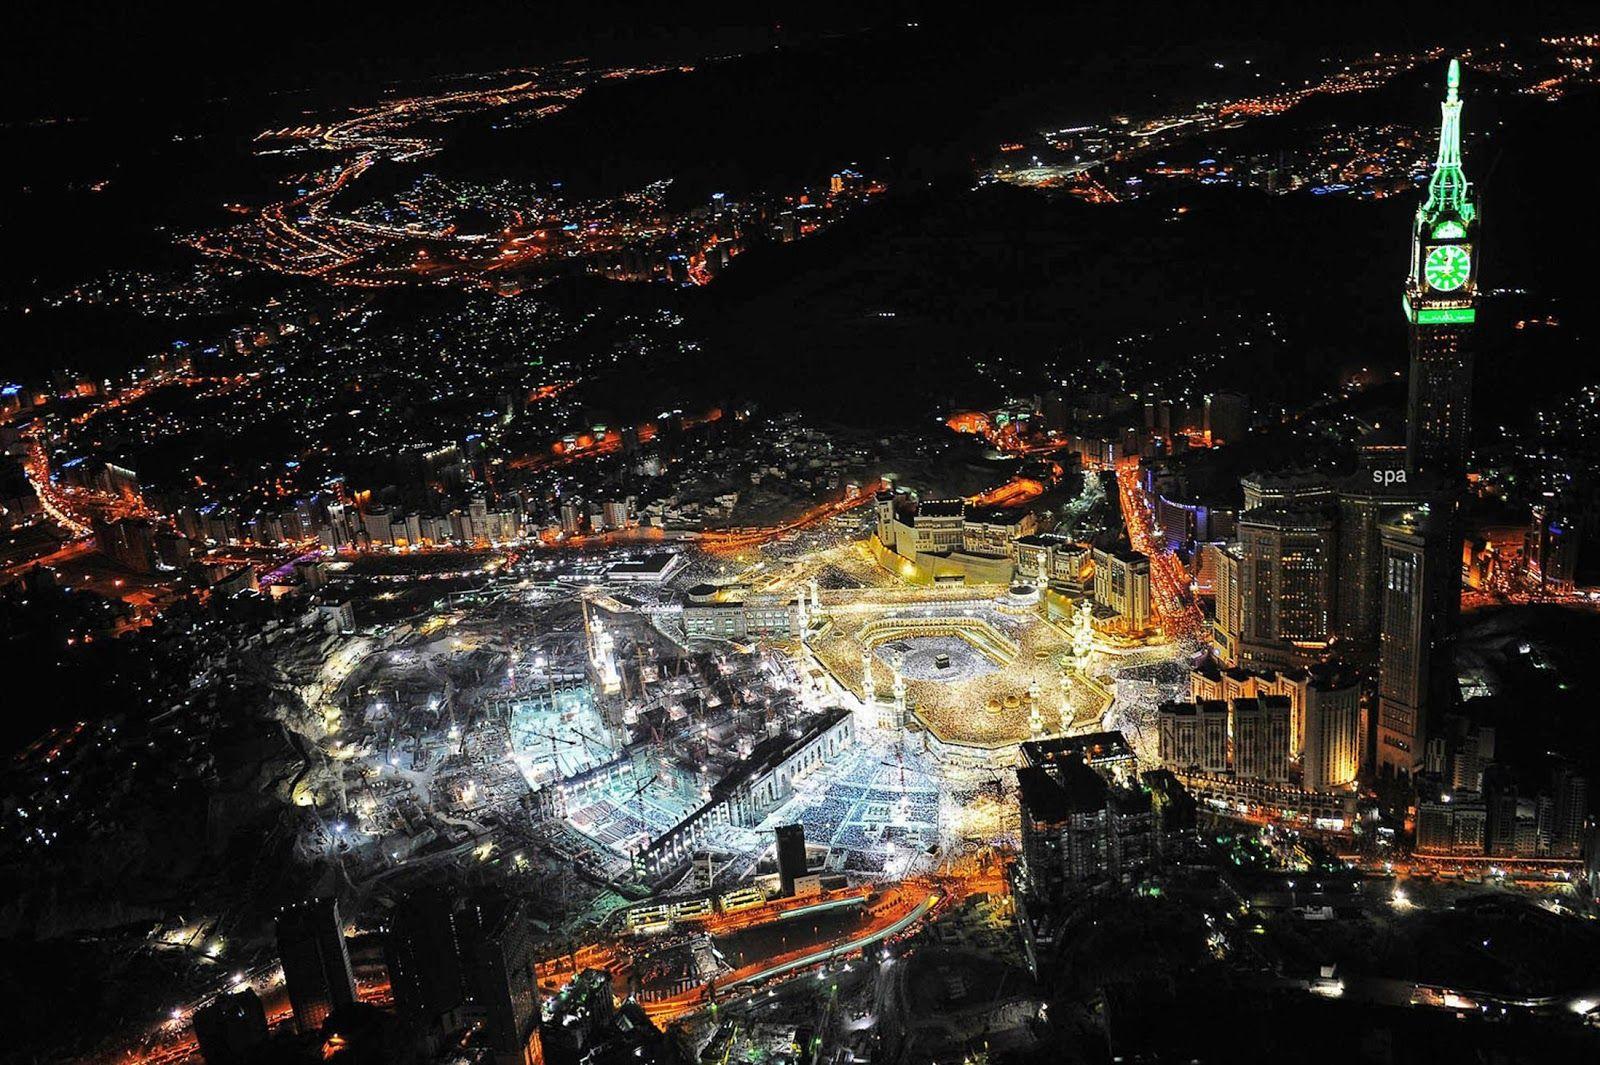 Night View Of Mecca In Saudi Arabia Desktop Backgrounds For Free Hd Wallpaper Pemandangan Malam Kota